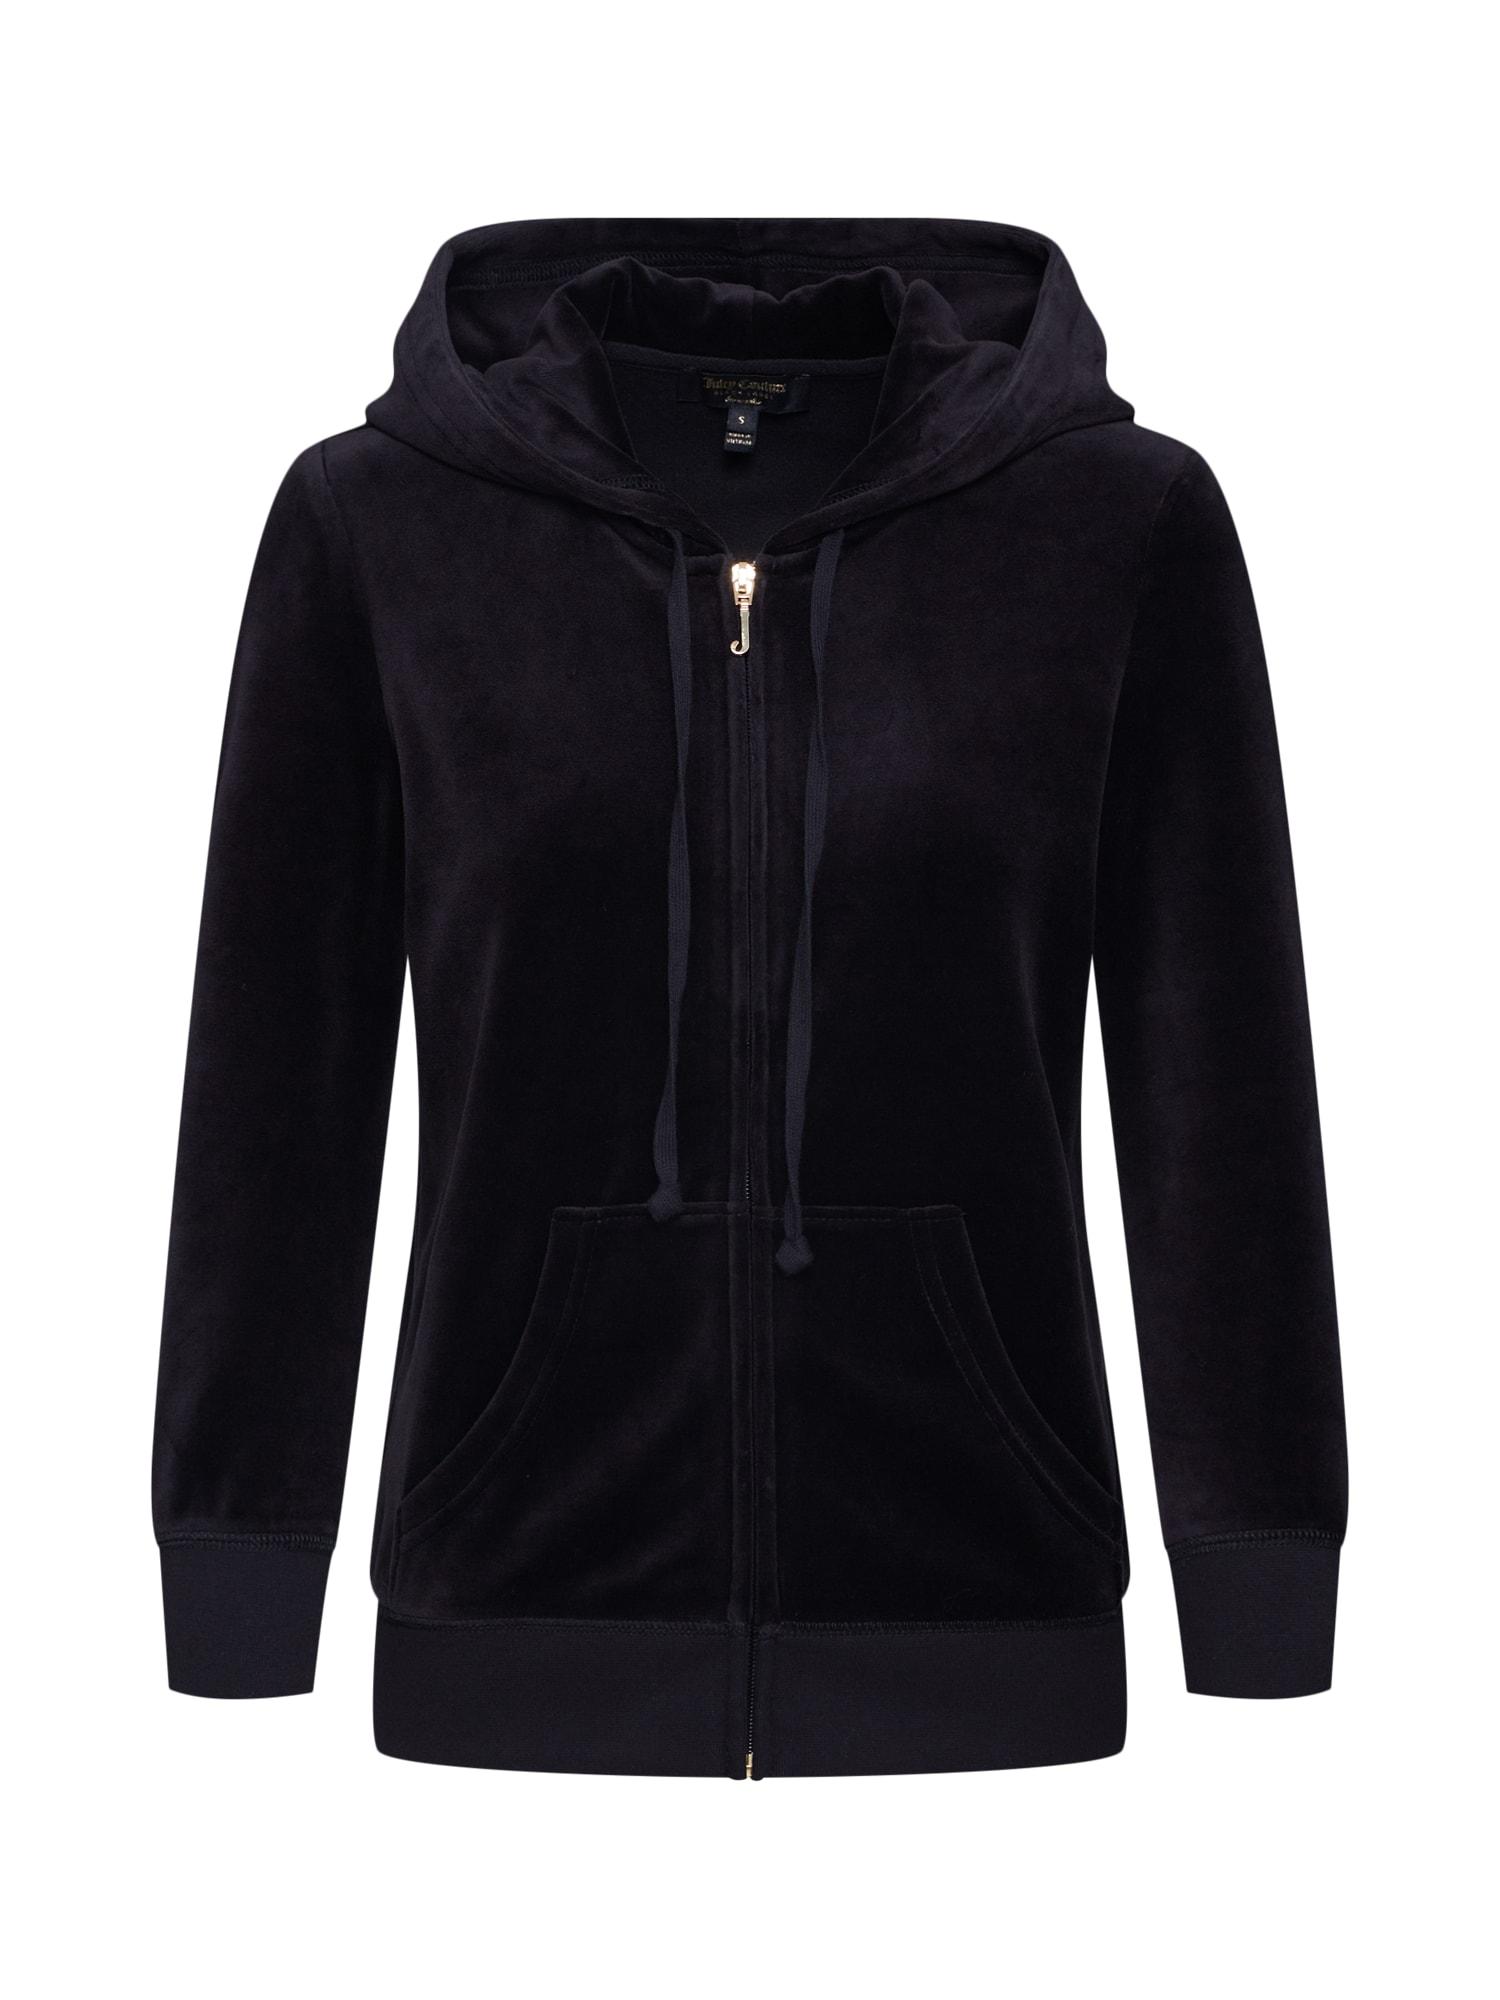 Mikina s kapucí 34 SLV Robertson černá Juicy Couture Black Label